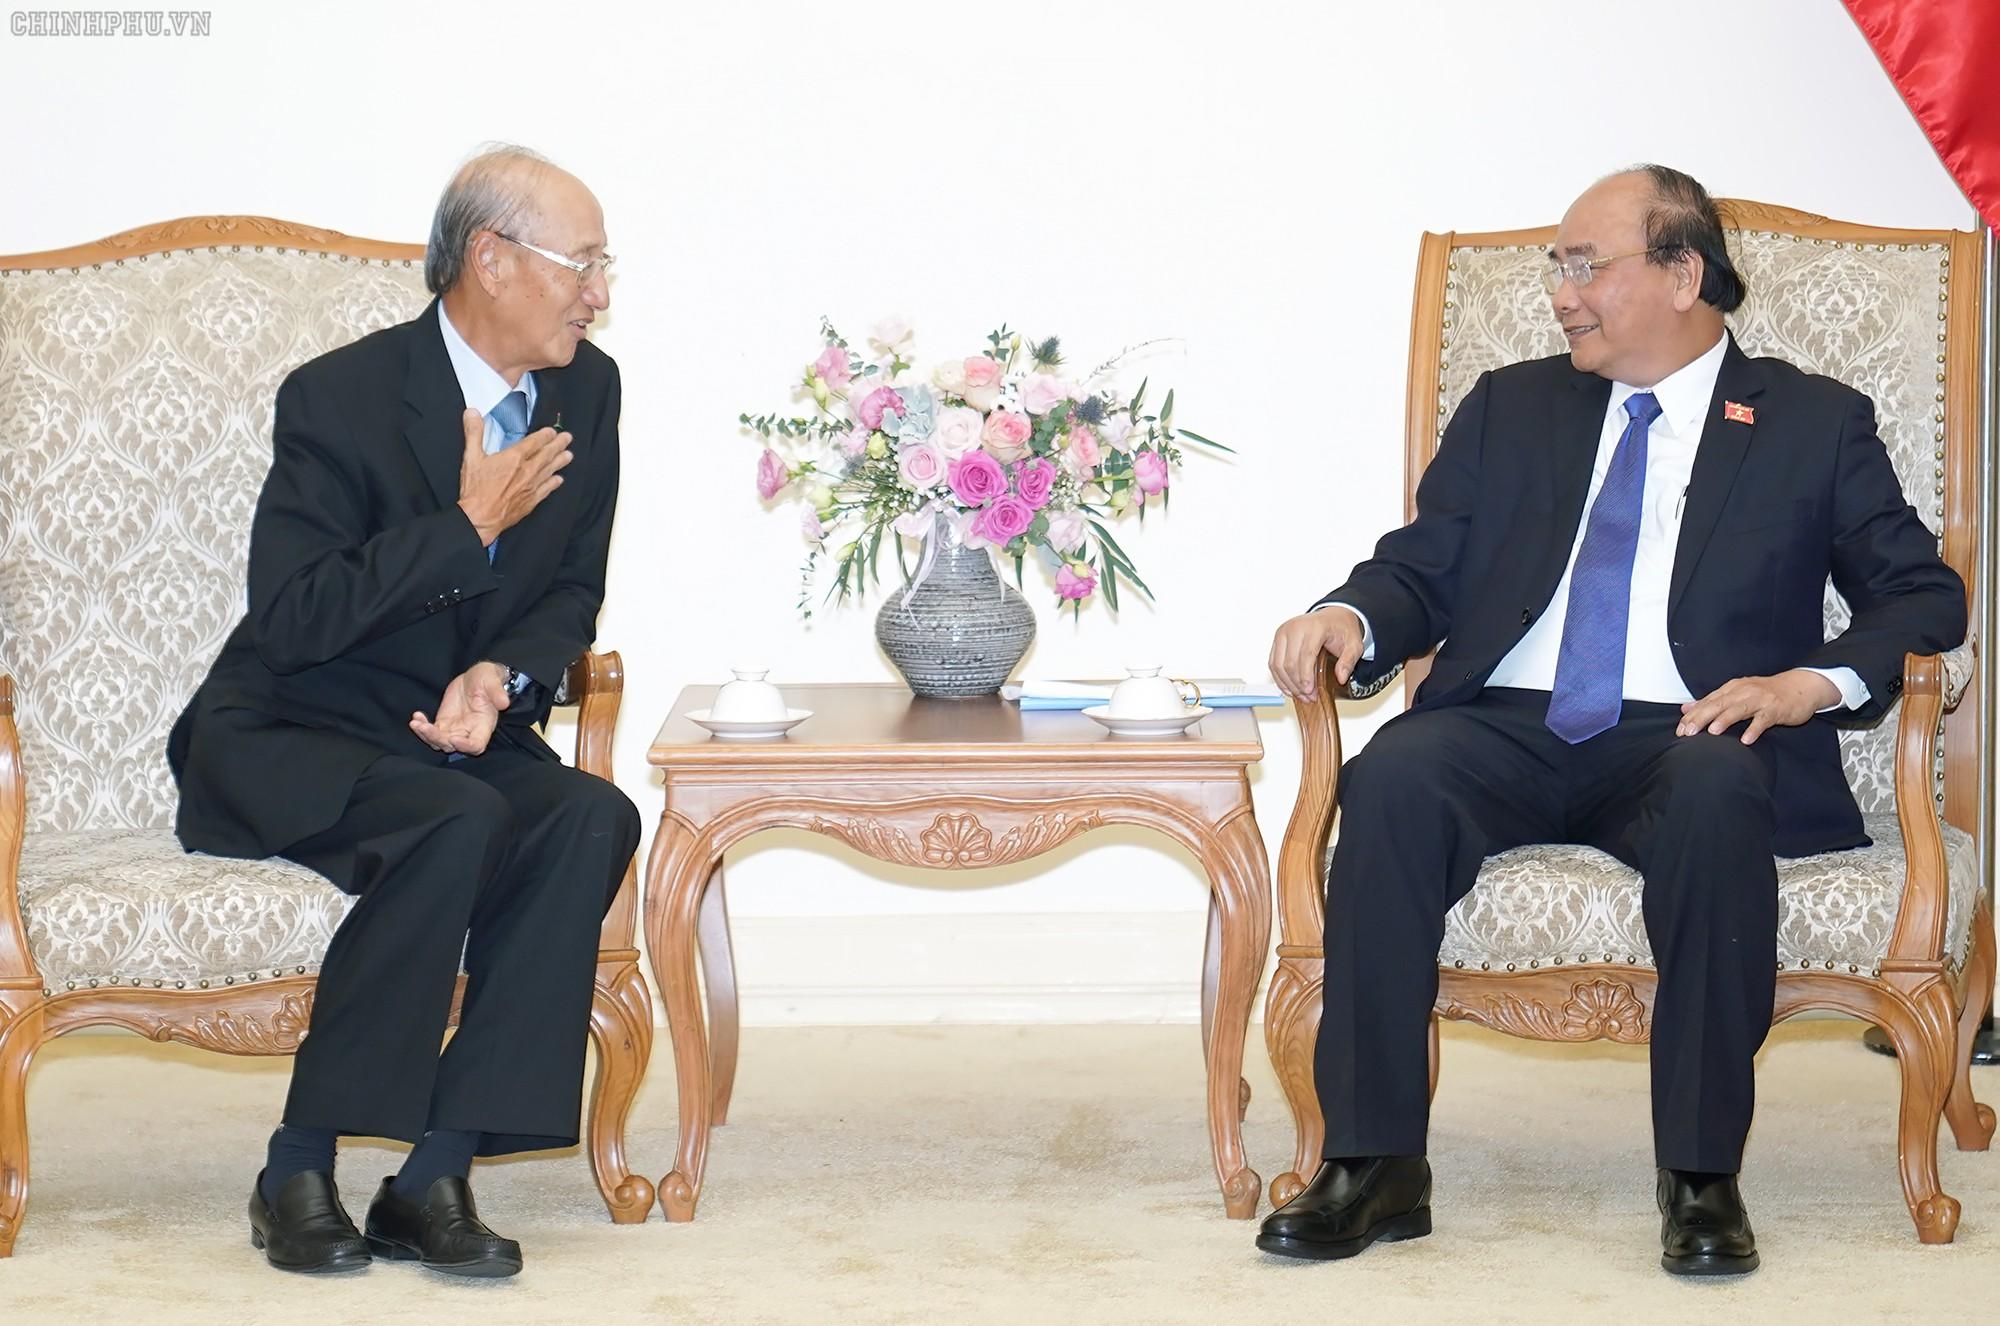 Thủ tướng ủng hộ Samsung xây dựng trung tâm nghiên cứu và phát triển tại Việt Nam - Ảnh 3.